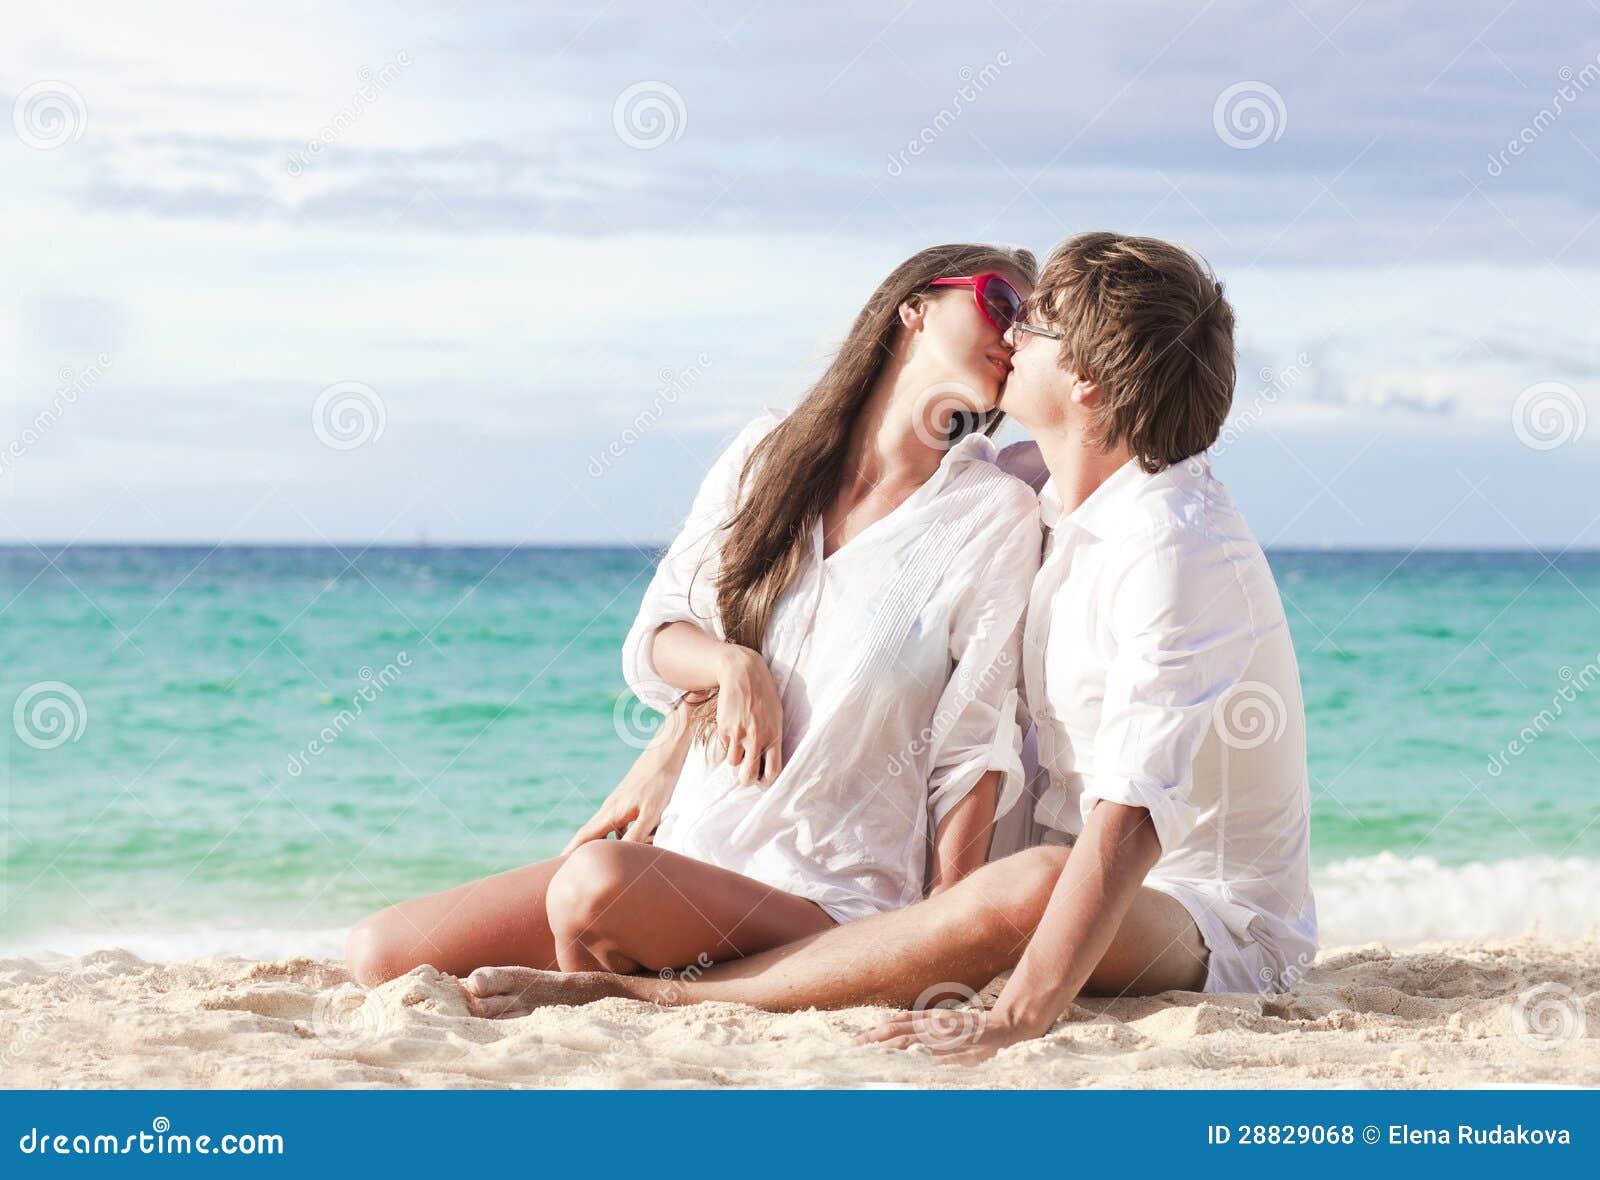 Chicas besandose 50 fotos Todo lo que pasa en